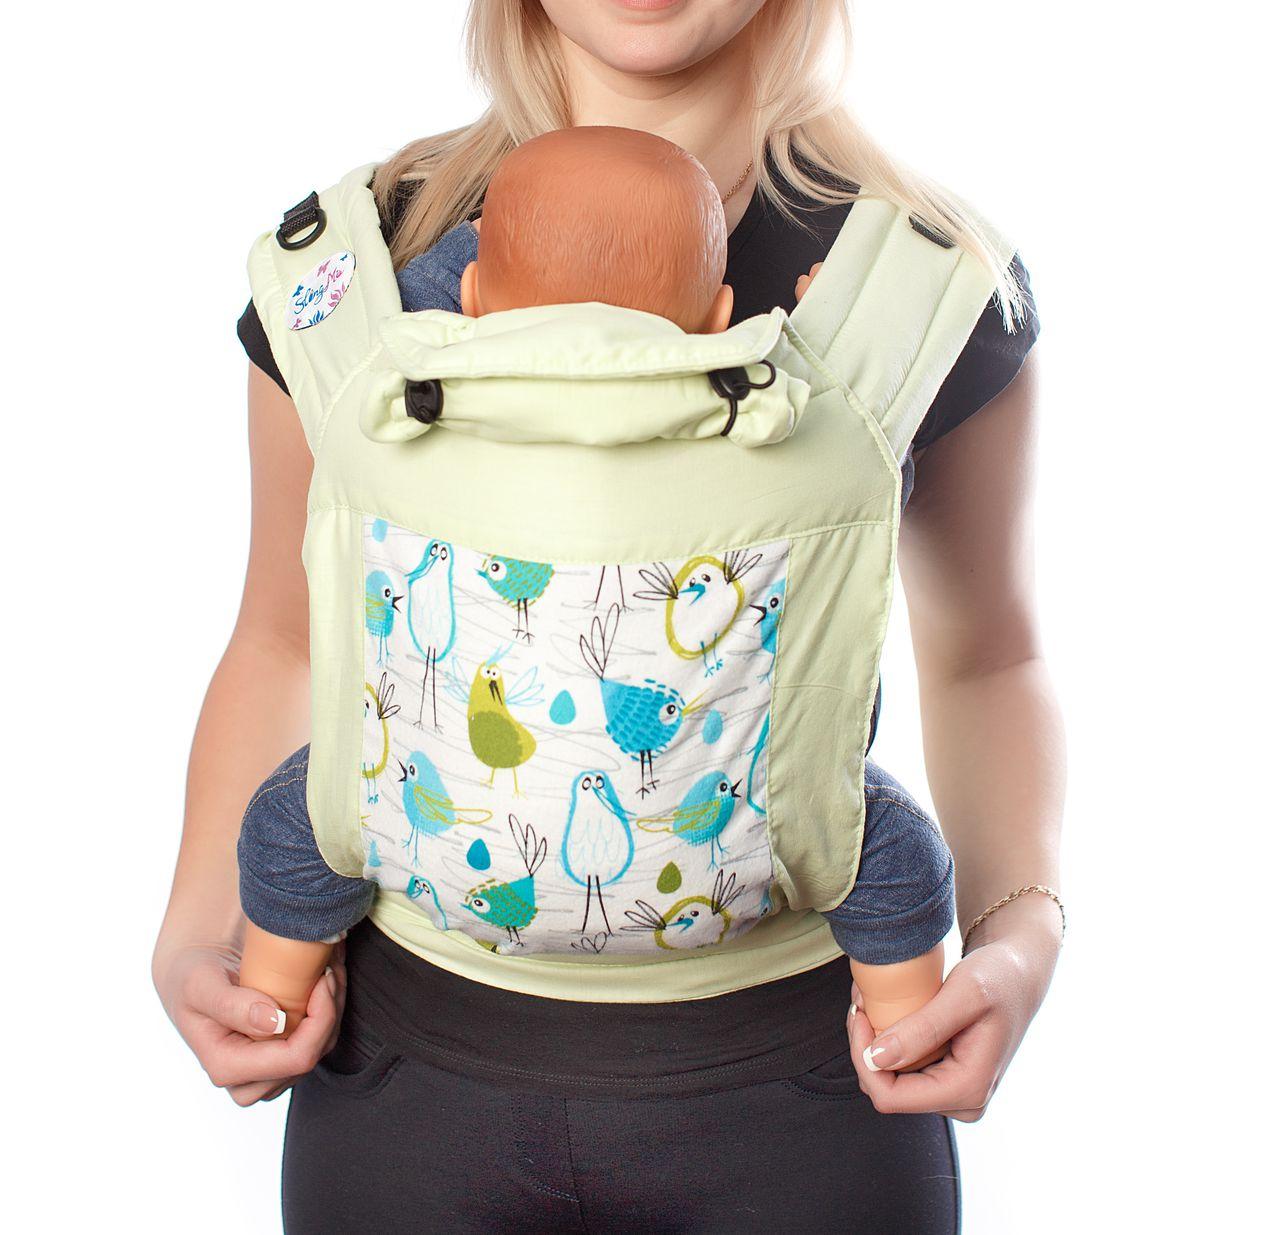 Купить Май-слинг, Май-слинг SlingMe Птички зеленый, Слинги для новорожденного